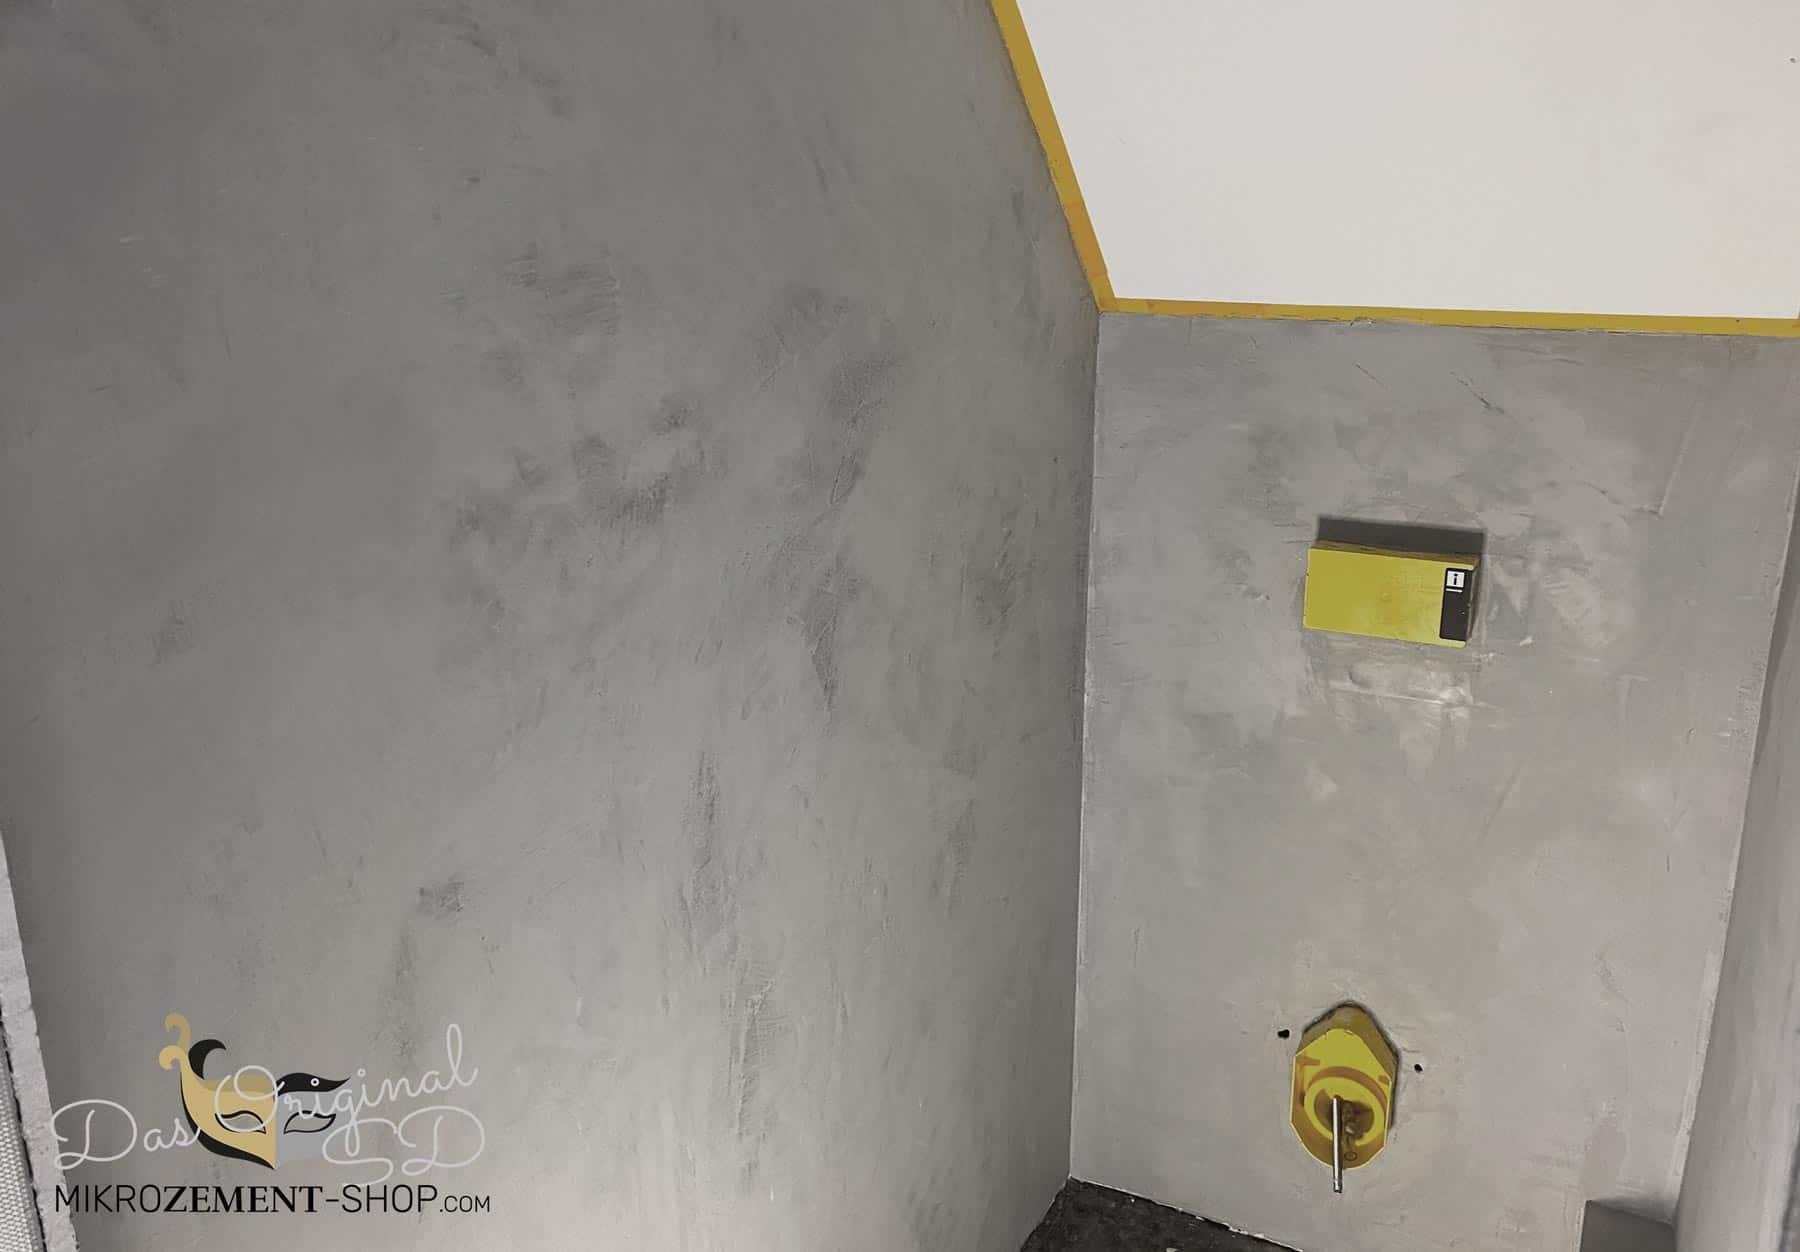 Mikrozement Microzement Wand